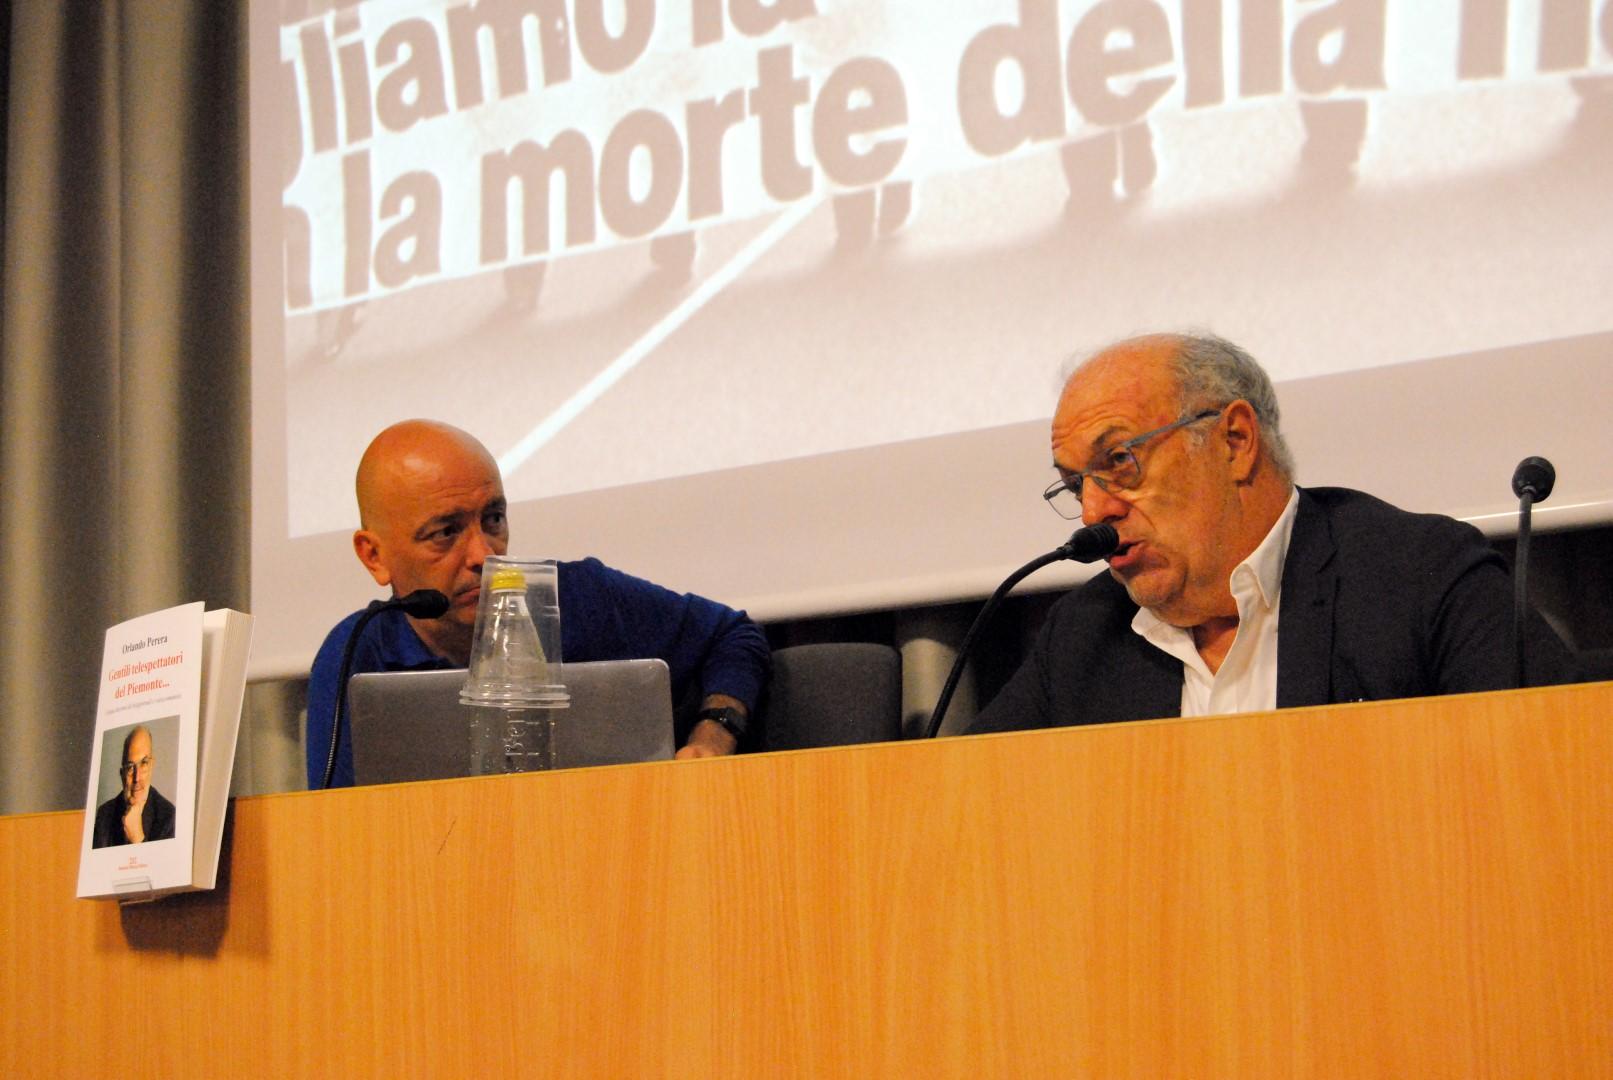 Orlando Perera si svela all'Aperilibro. Tanto pubblico e interesse per il giornalista smbolo del TG3 Piemonte